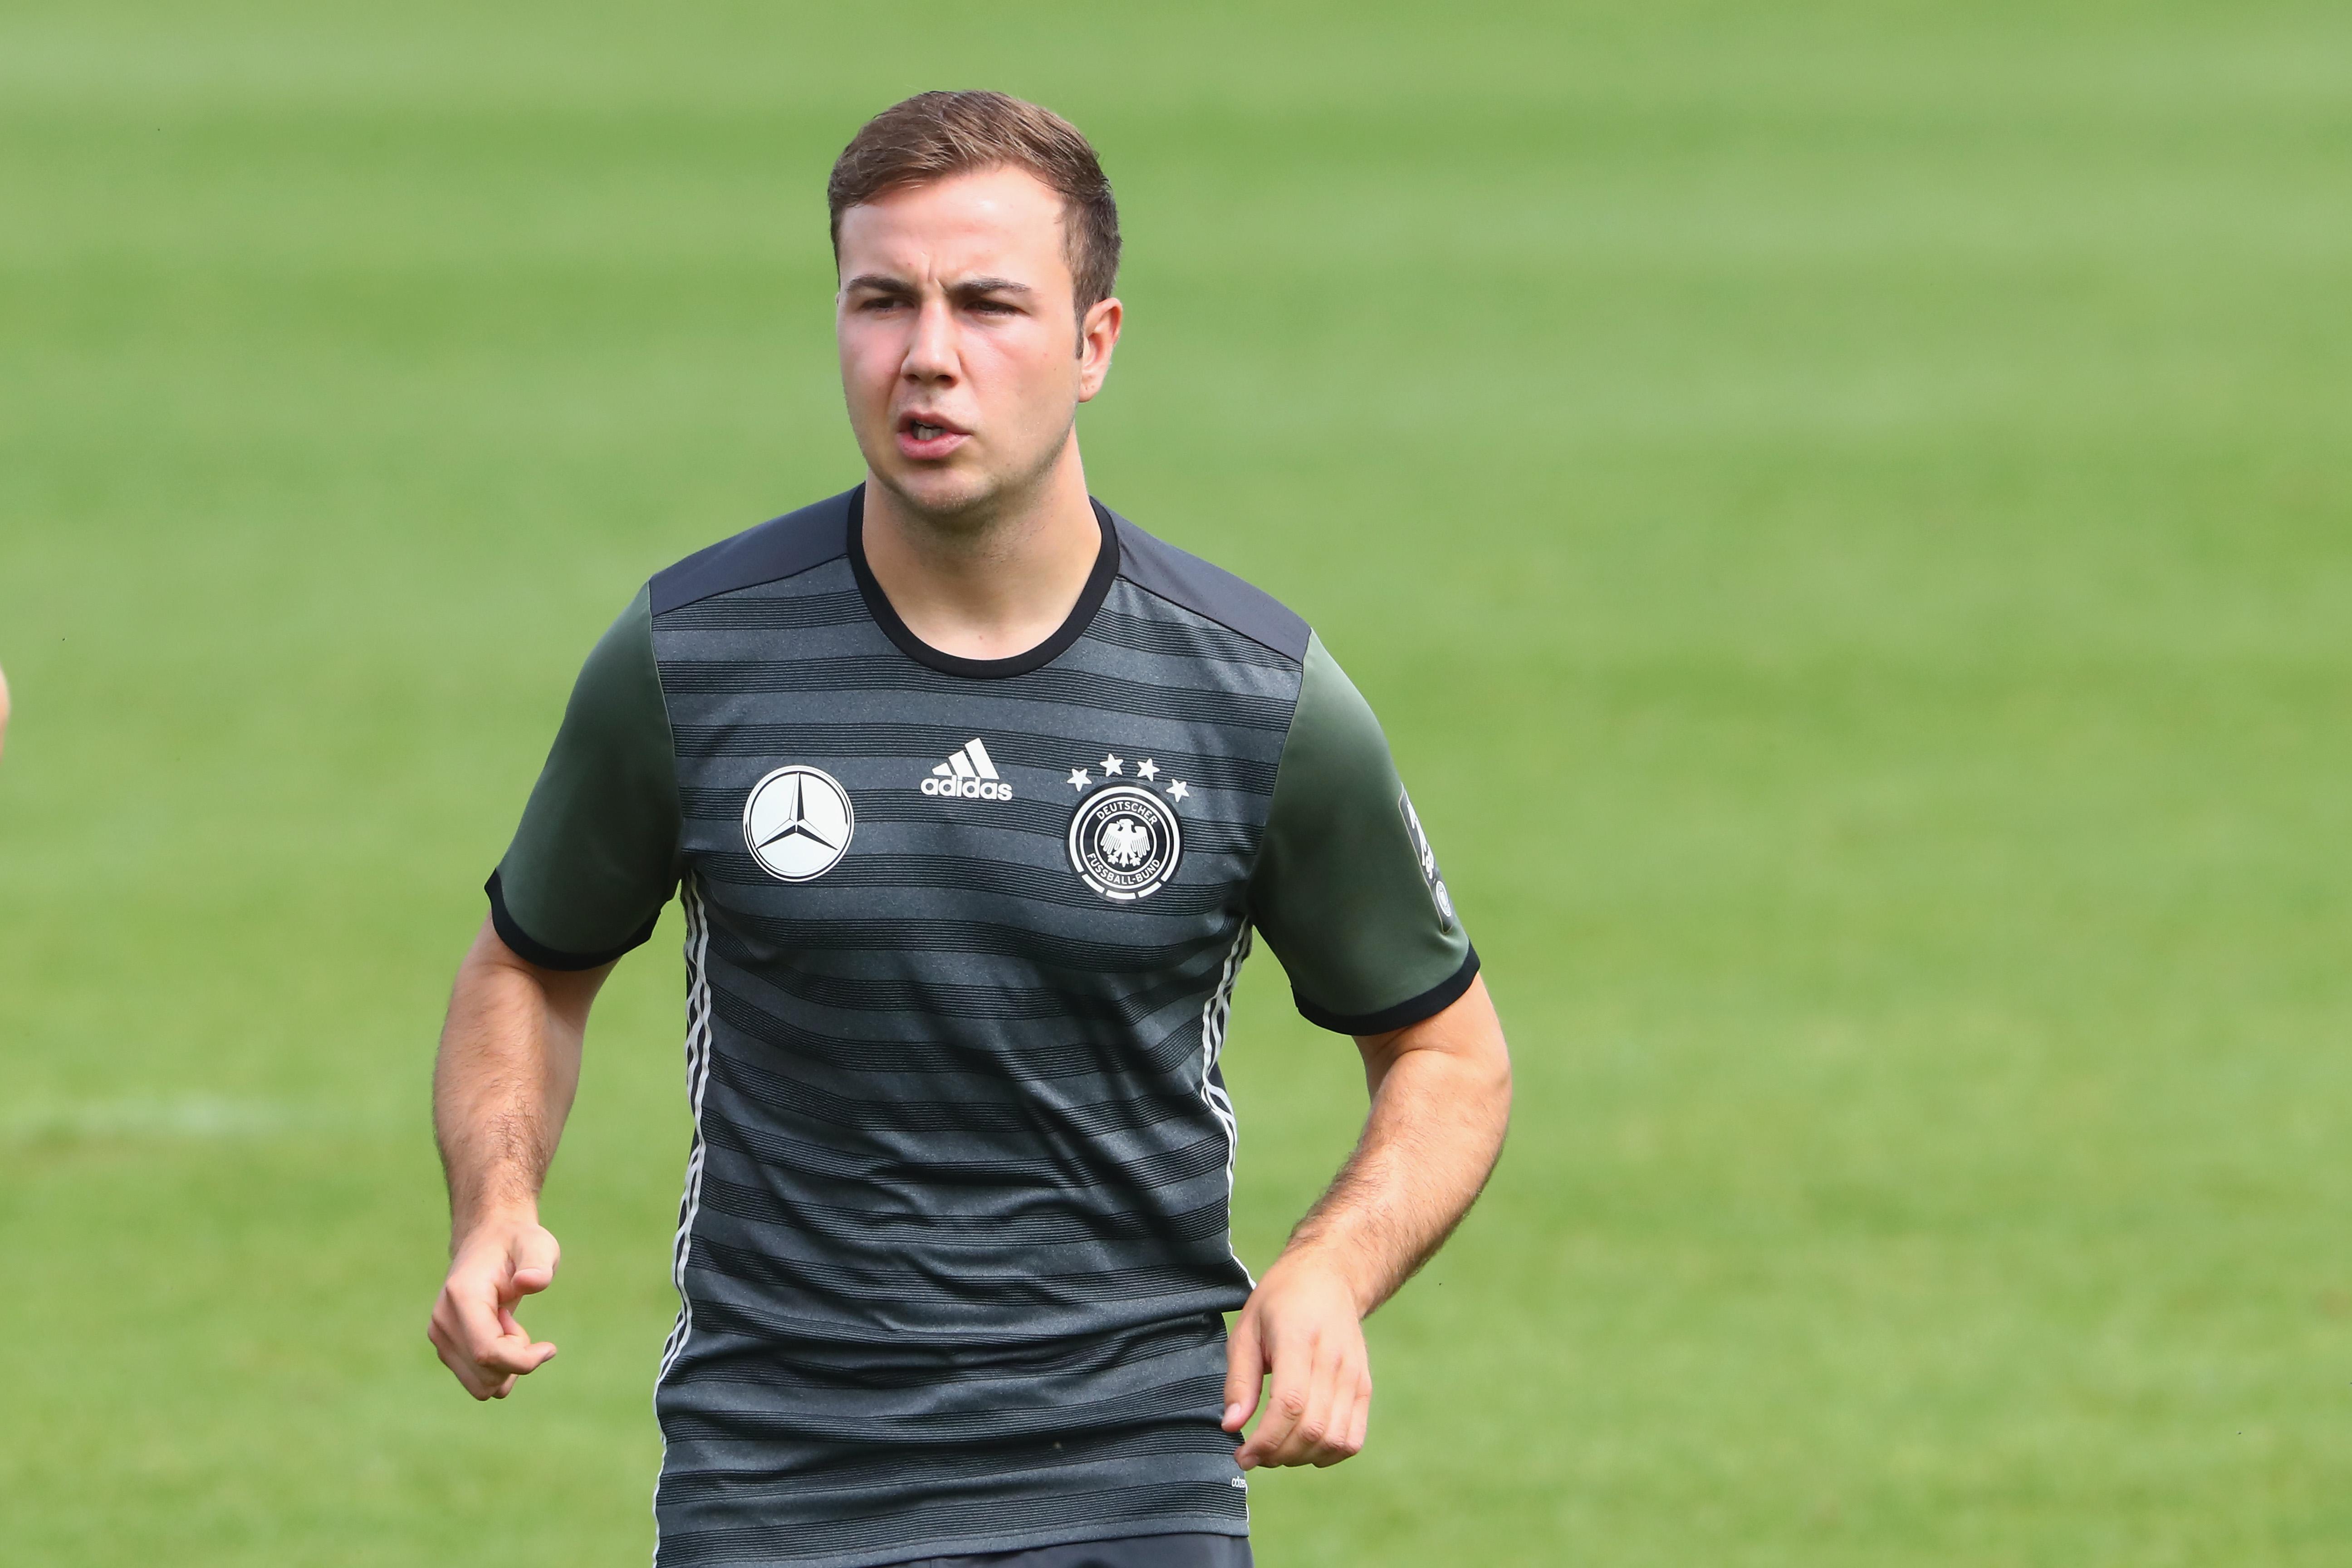 Bayern Munich confirm Mario Götze could return to Borussia Dortmund